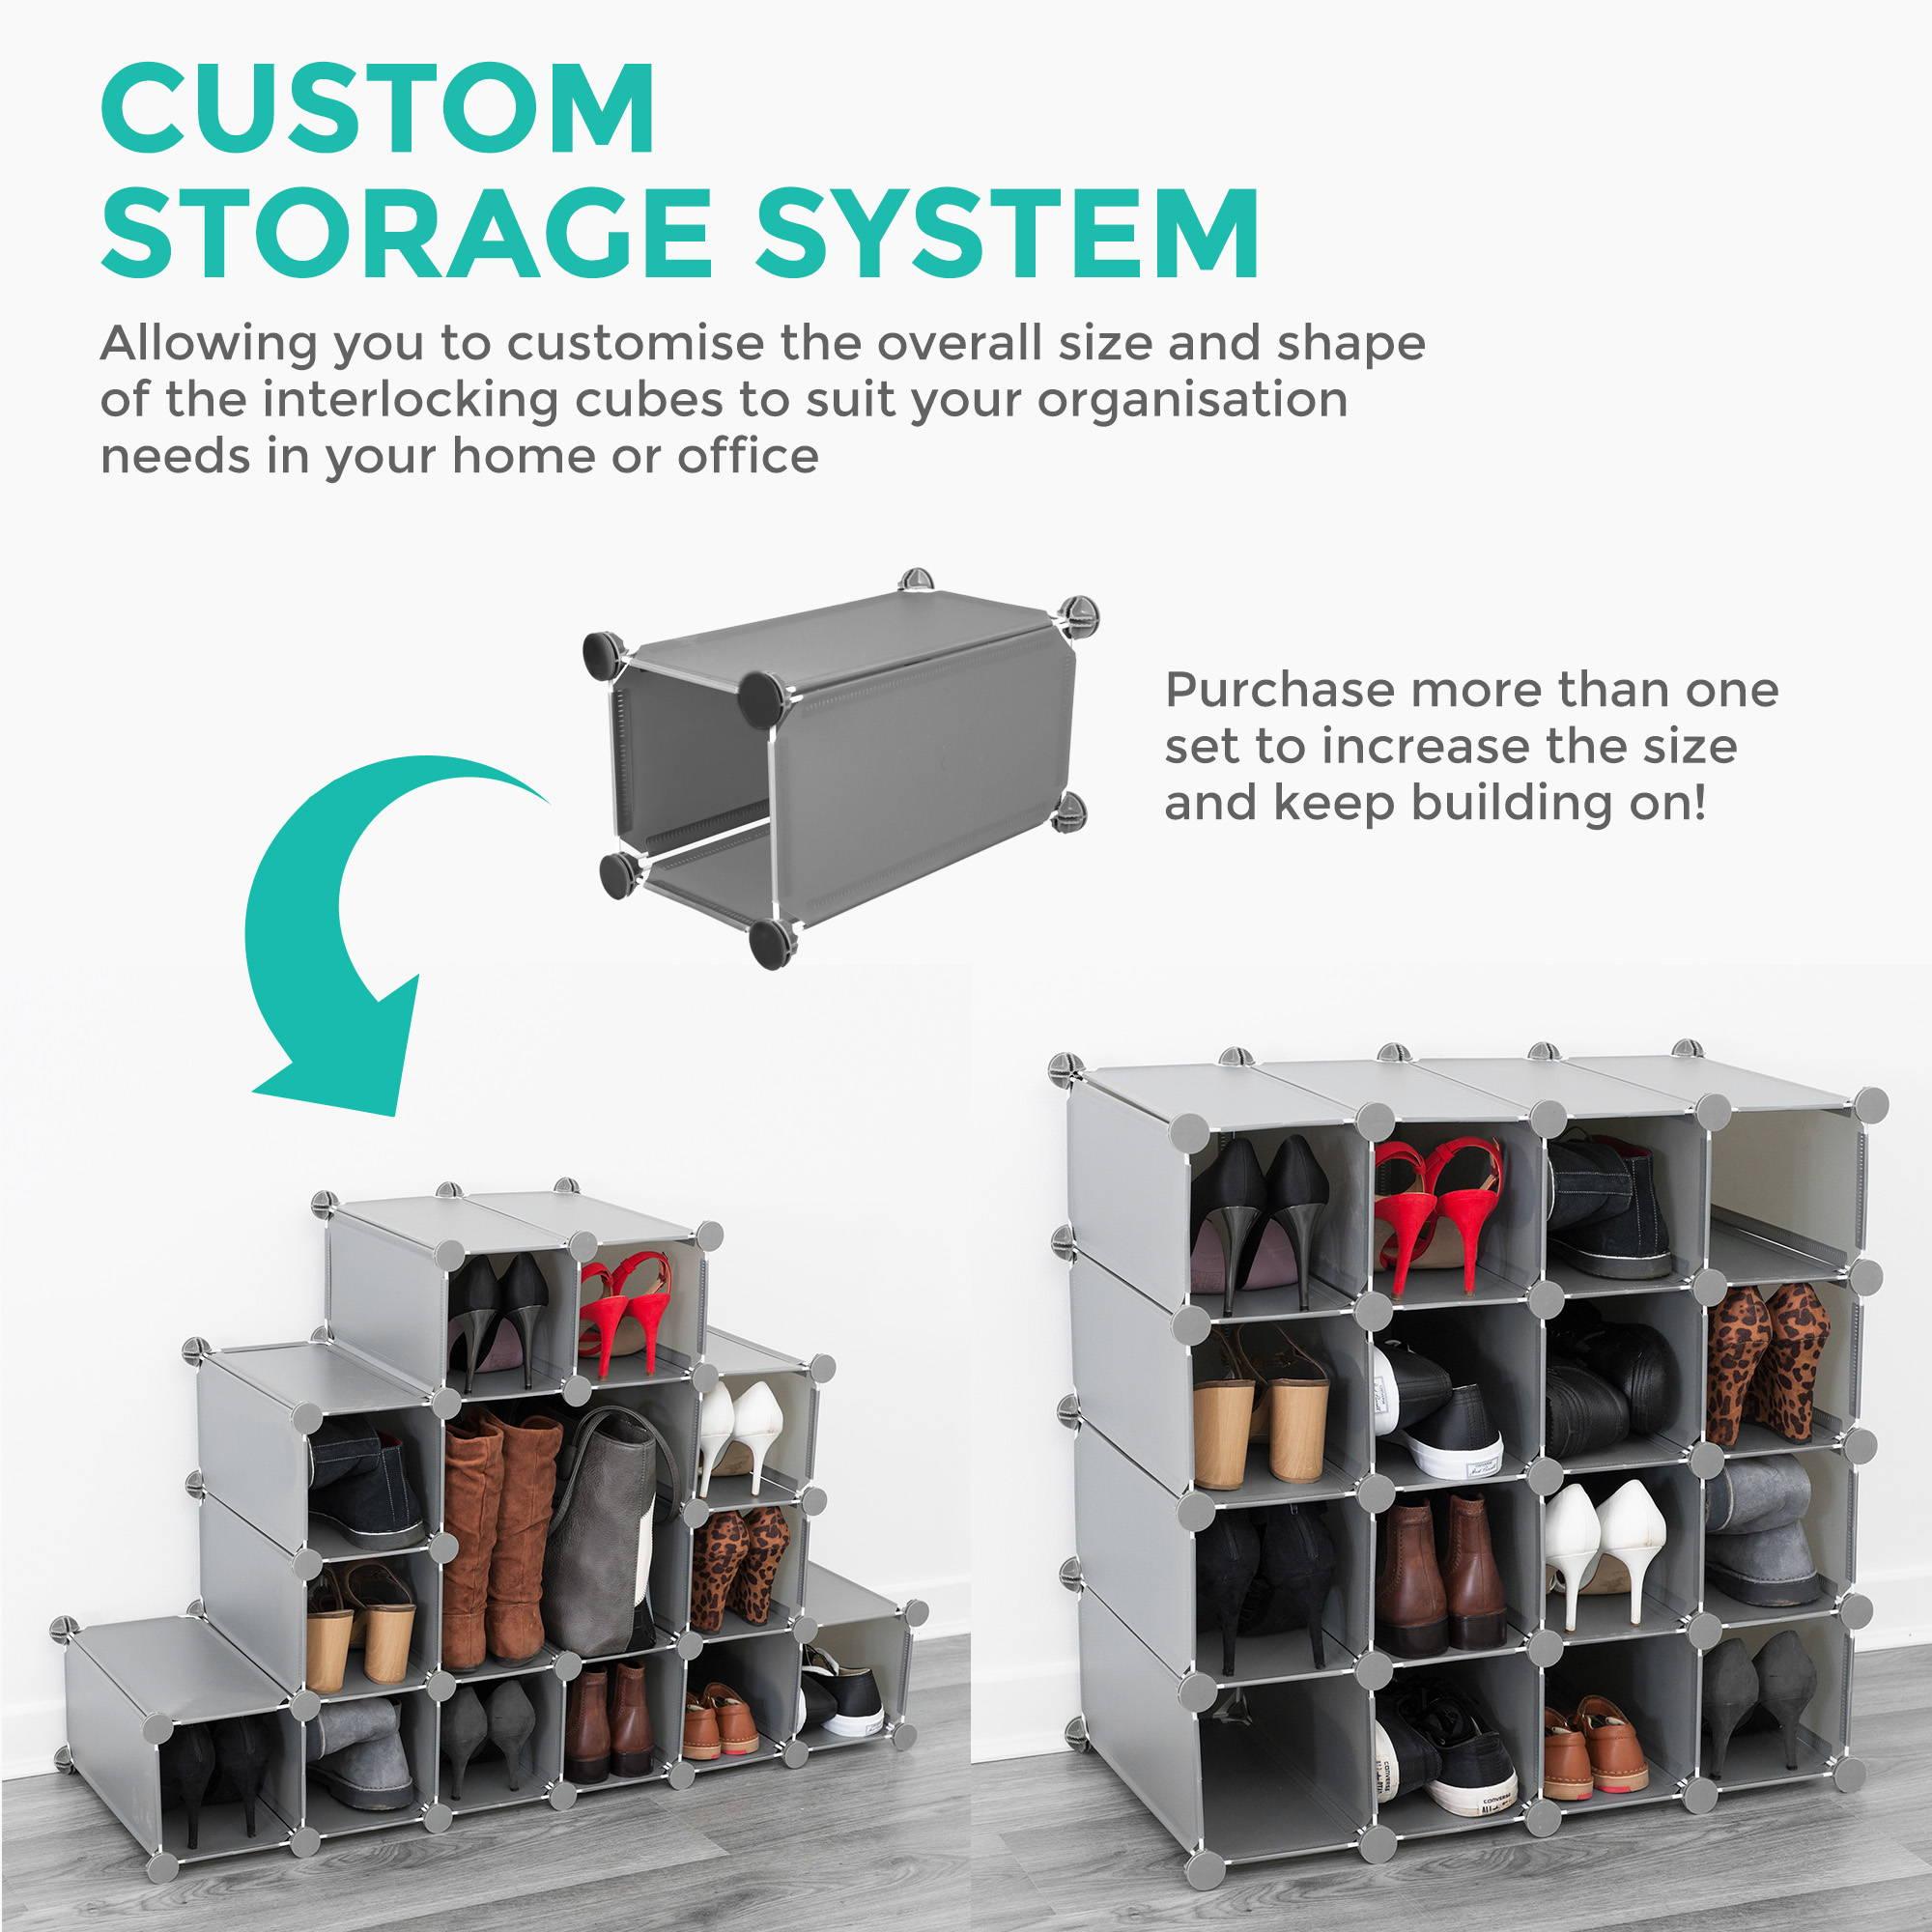 Custom Storage System